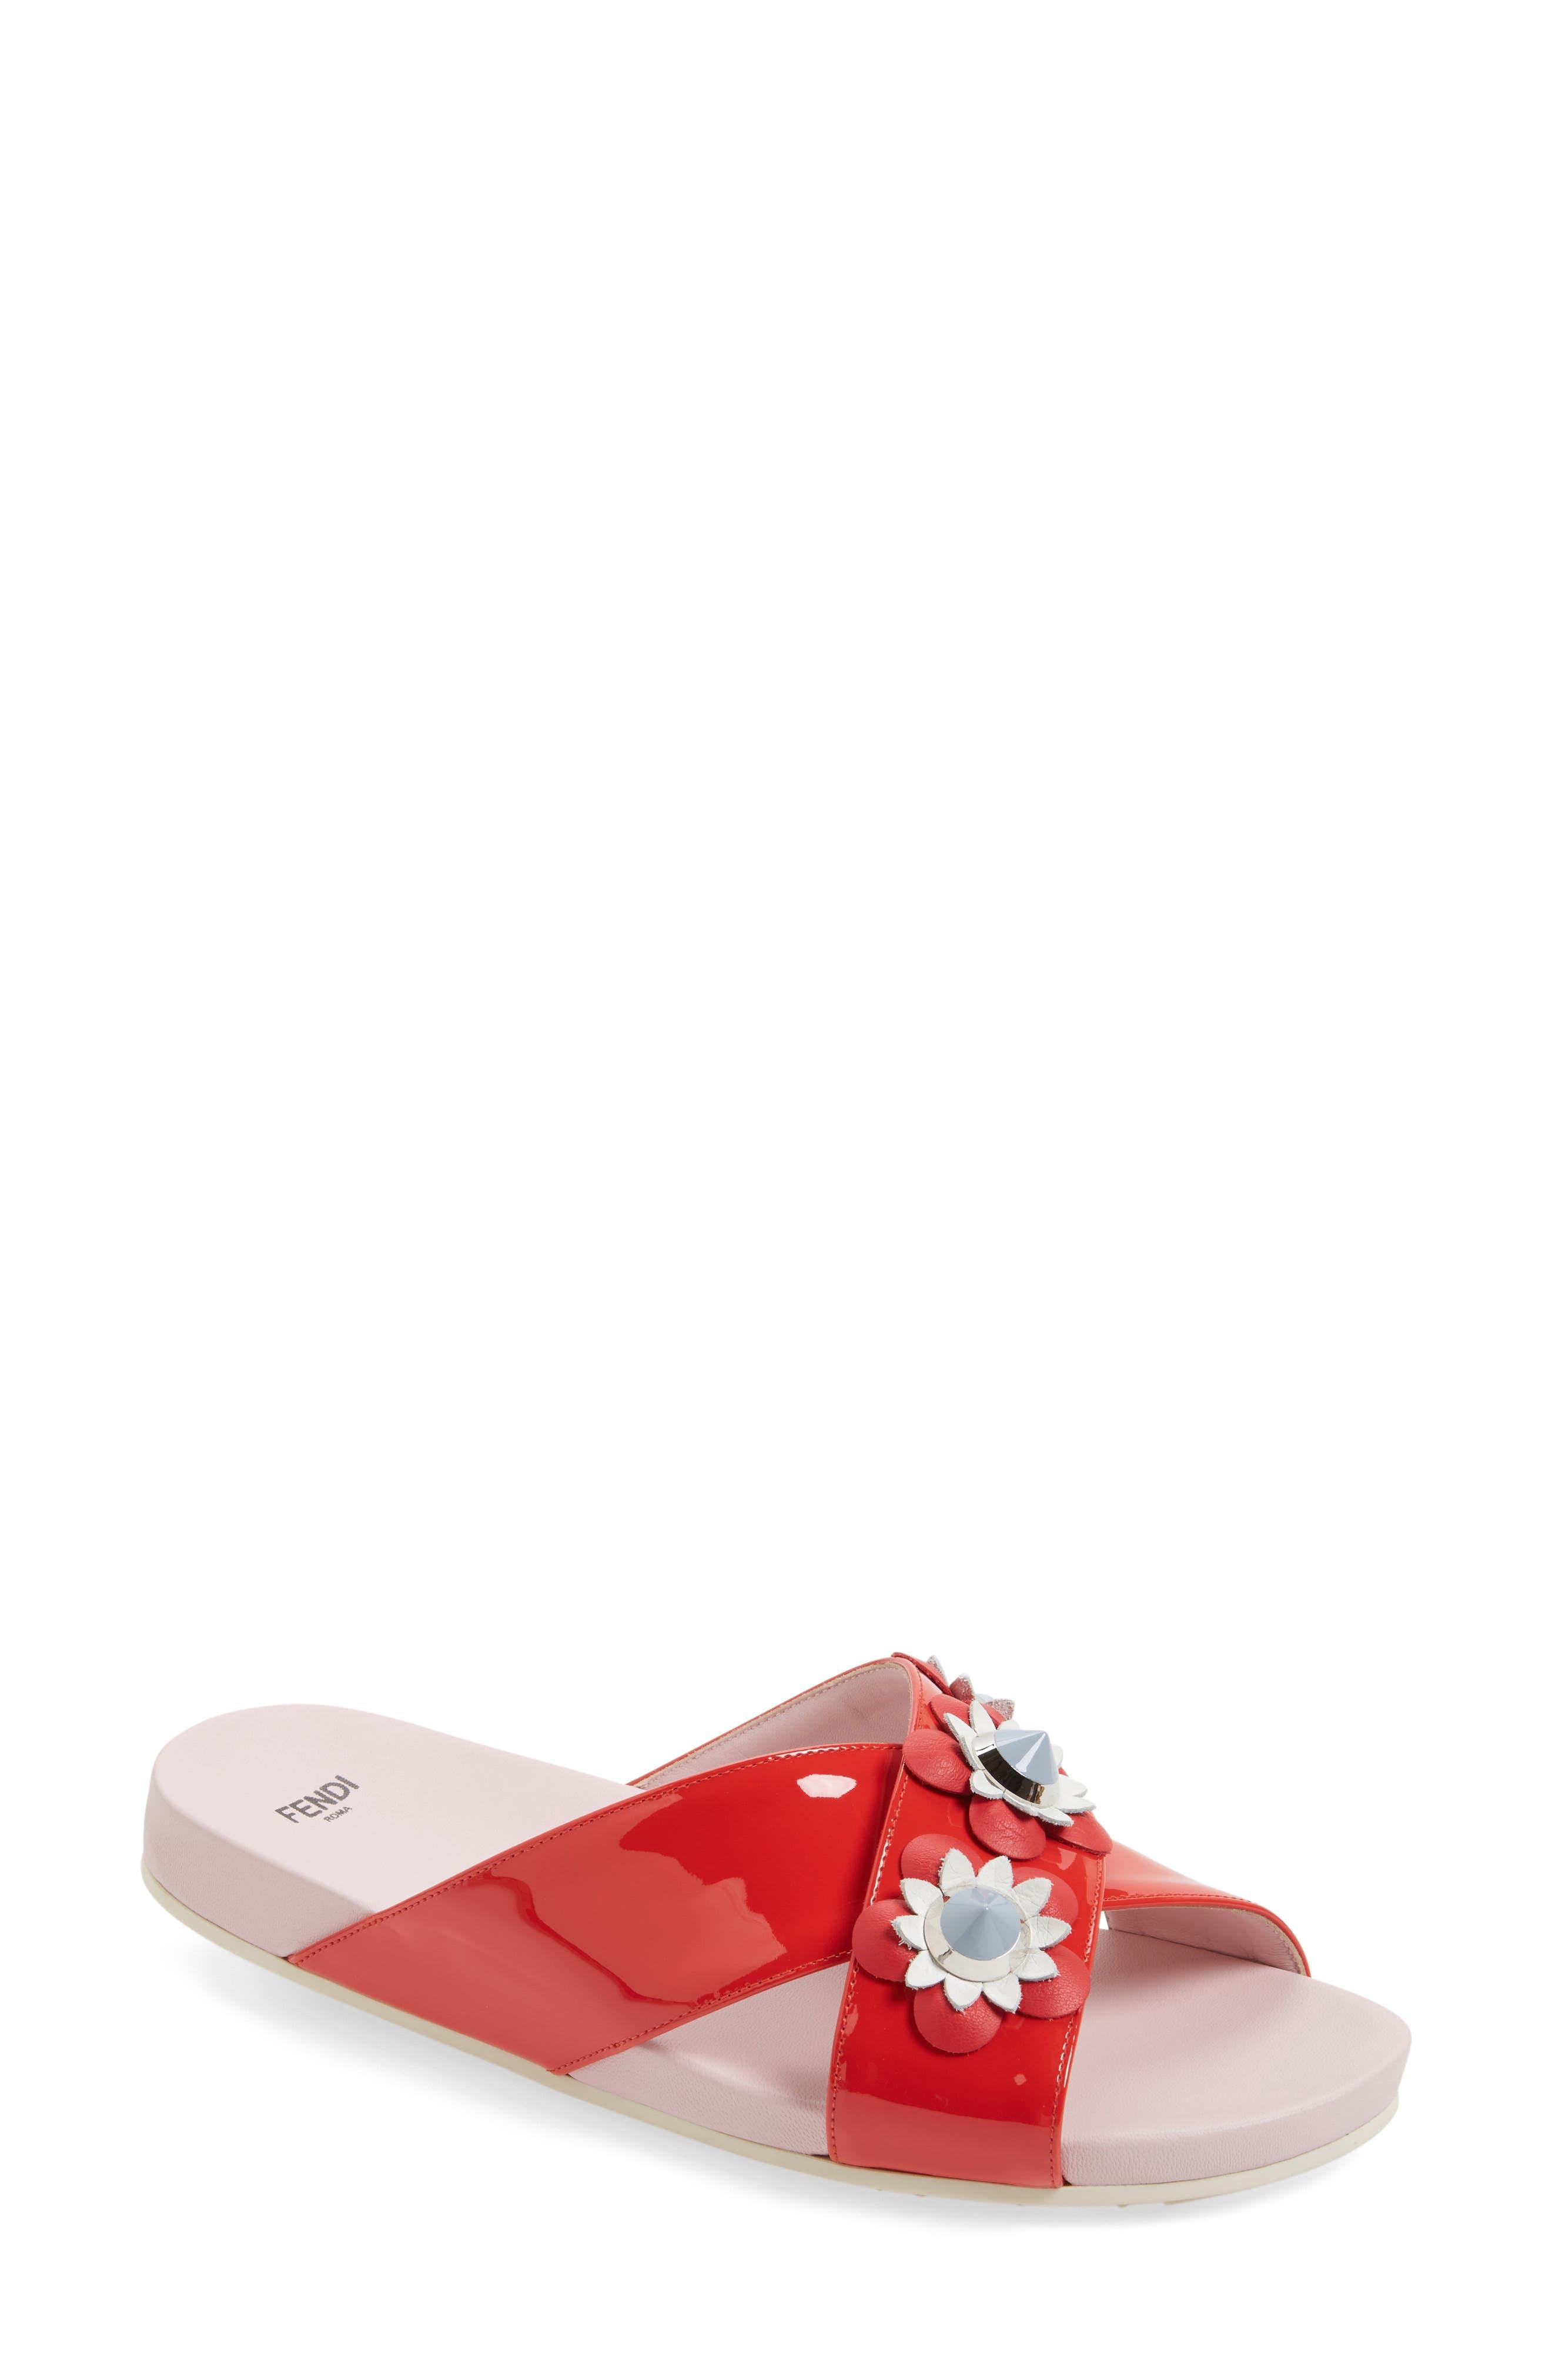 Flowerland Slide Sandal,                             Main thumbnail 3, color,